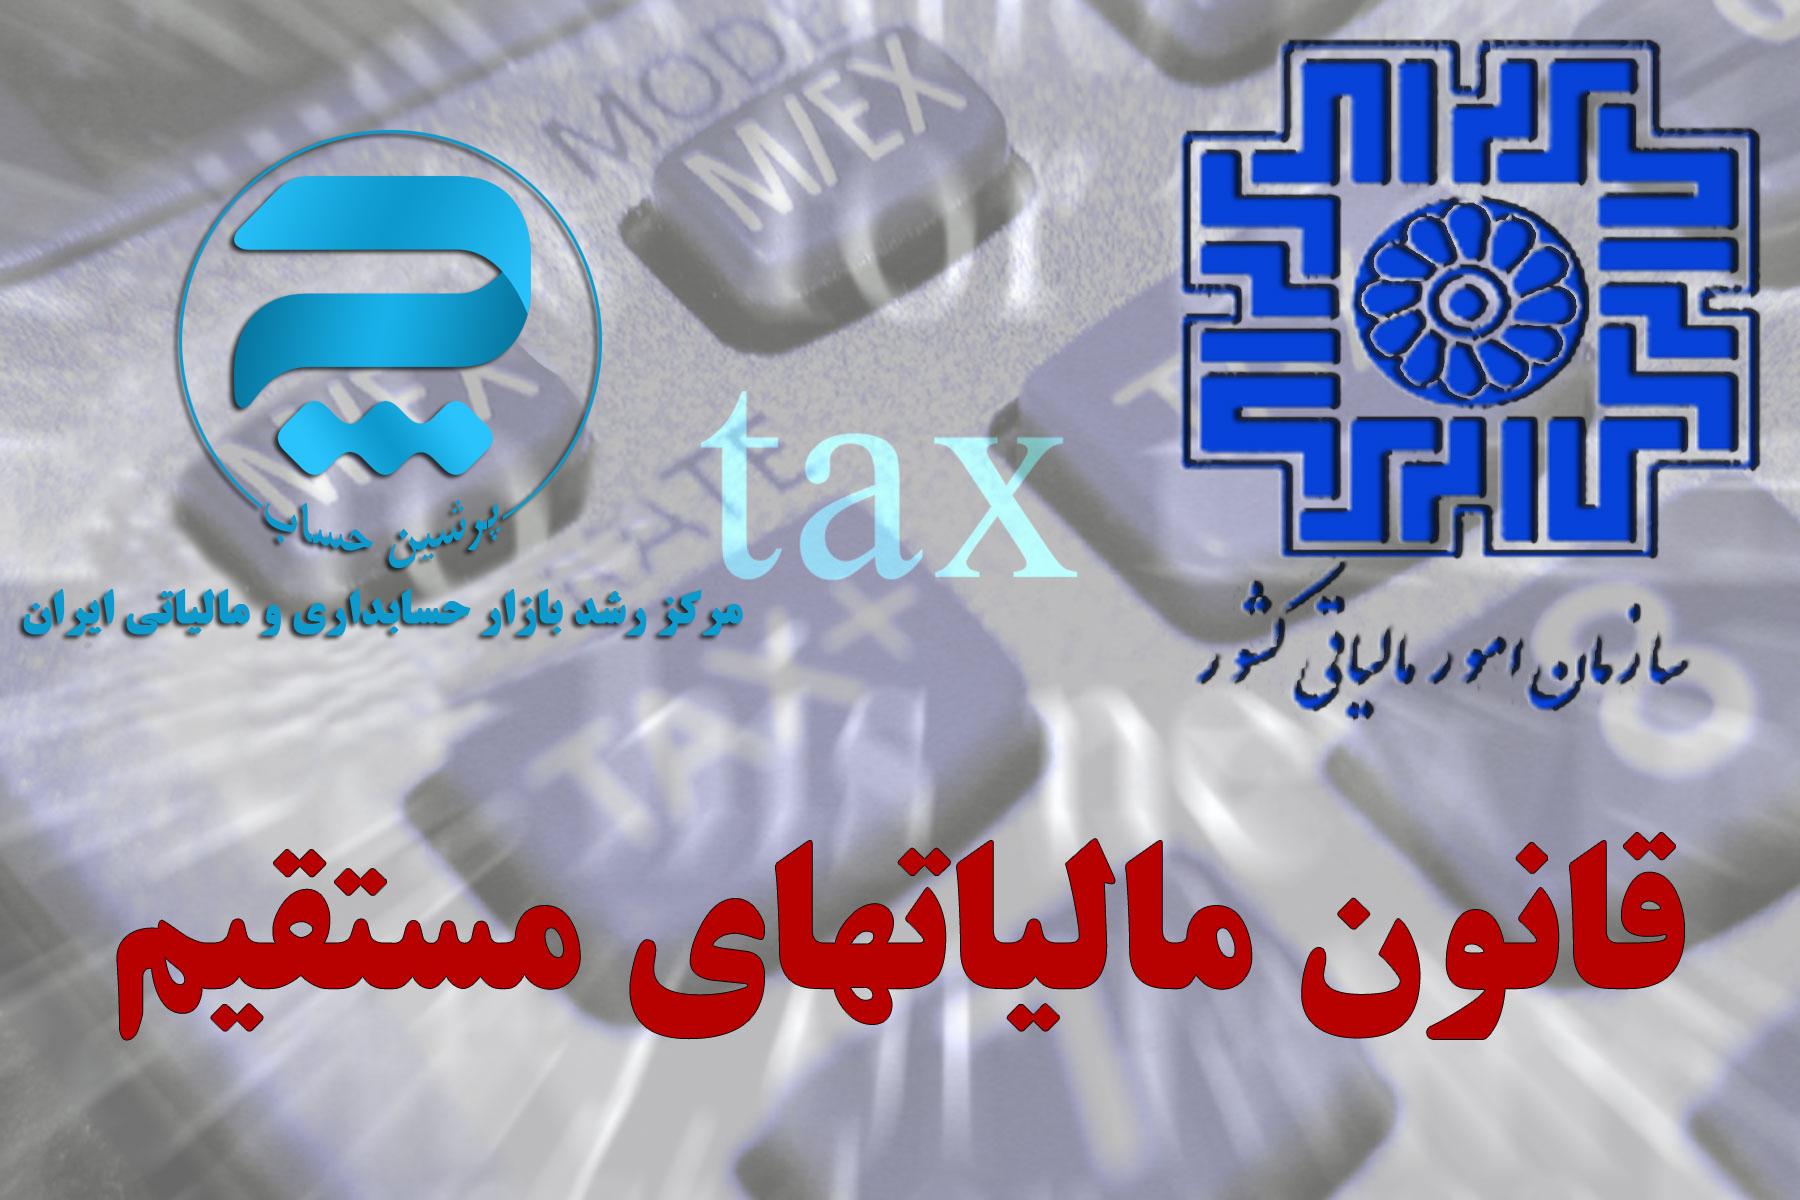 مالیات مستقیم پرشین حساب